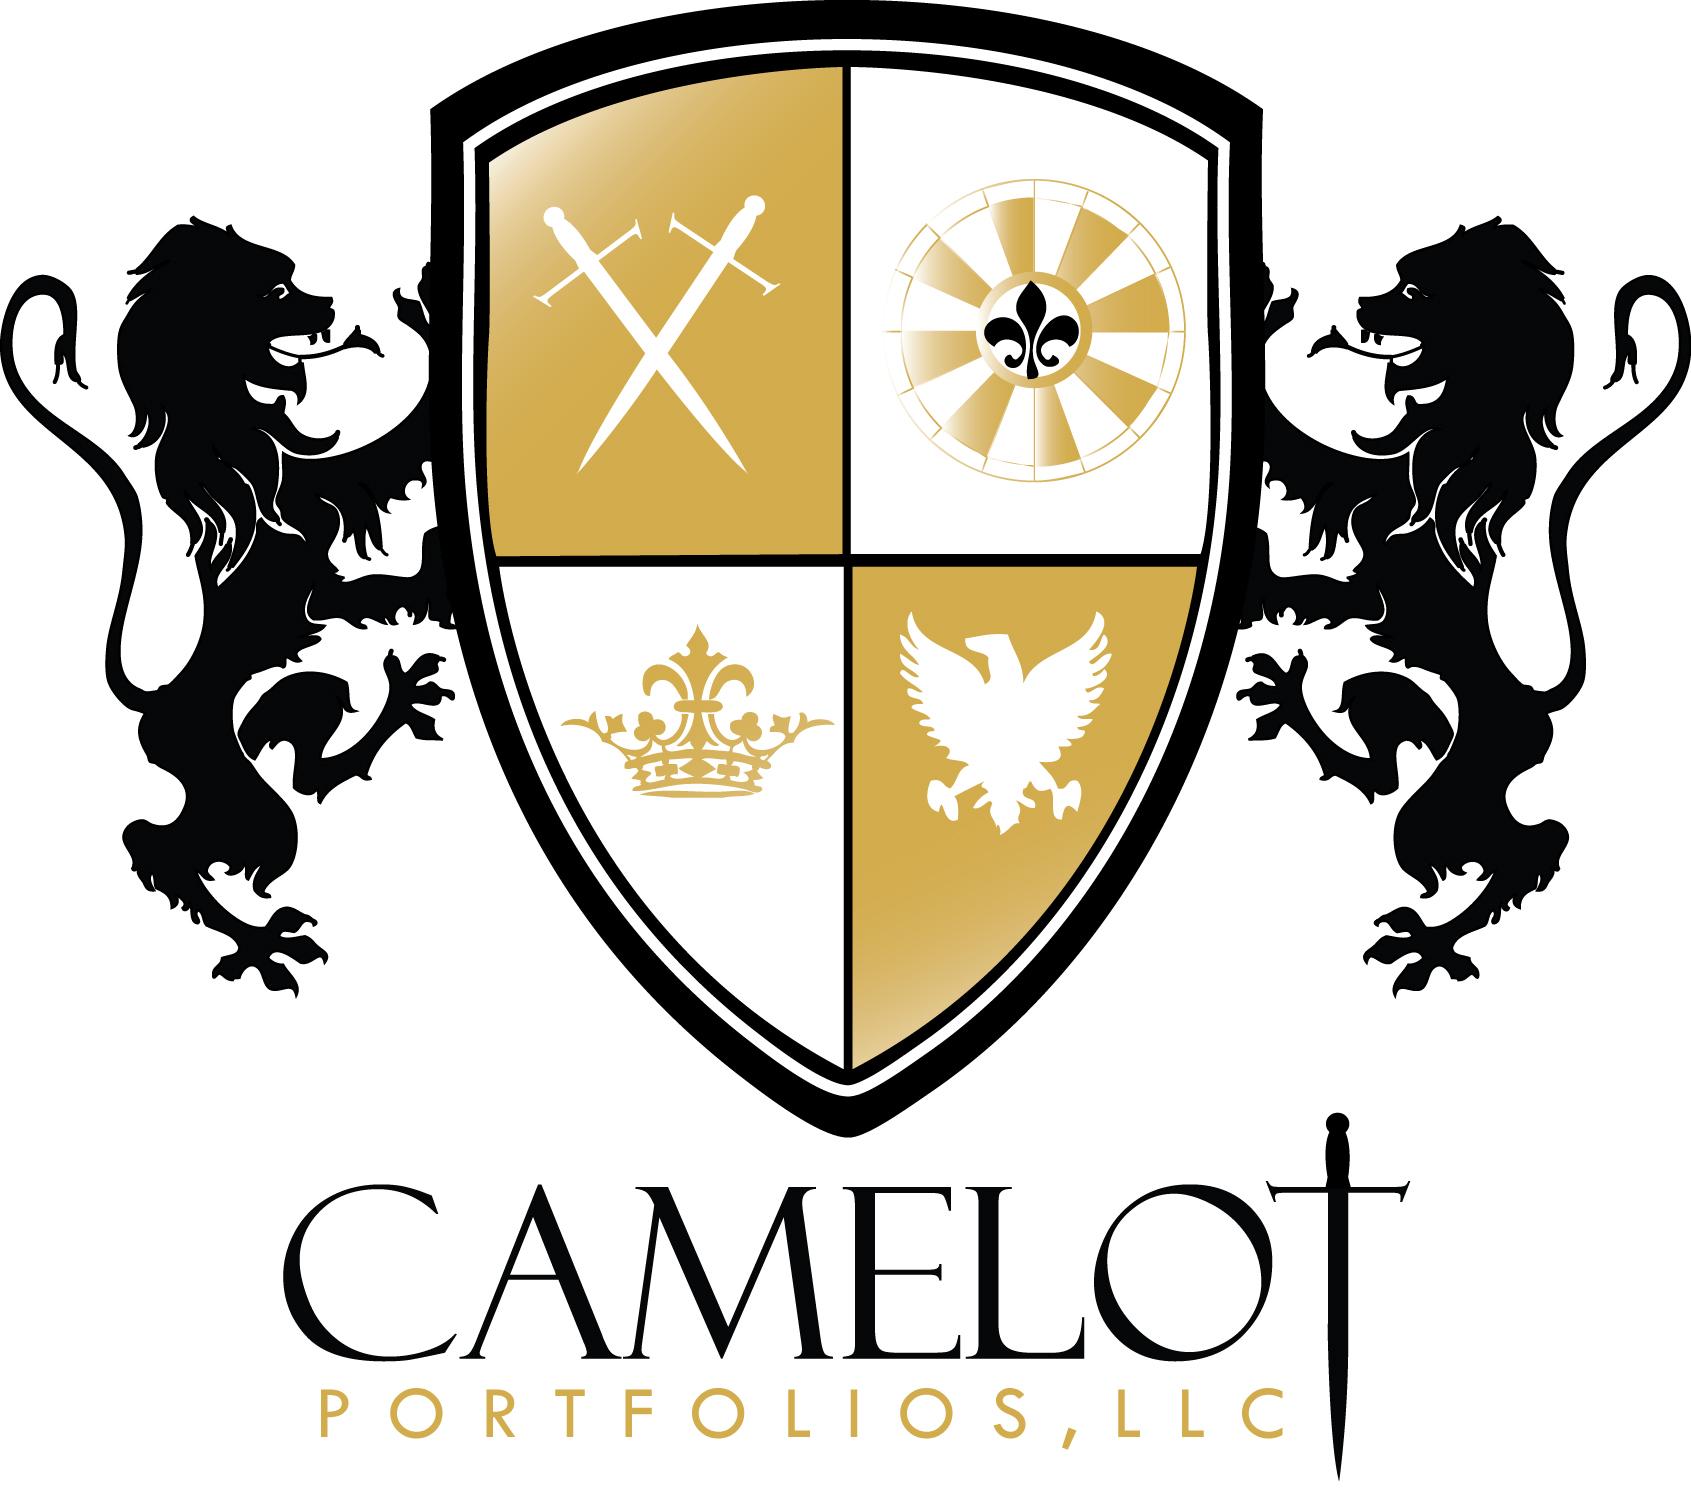 CamelotLogoFinal.jpg